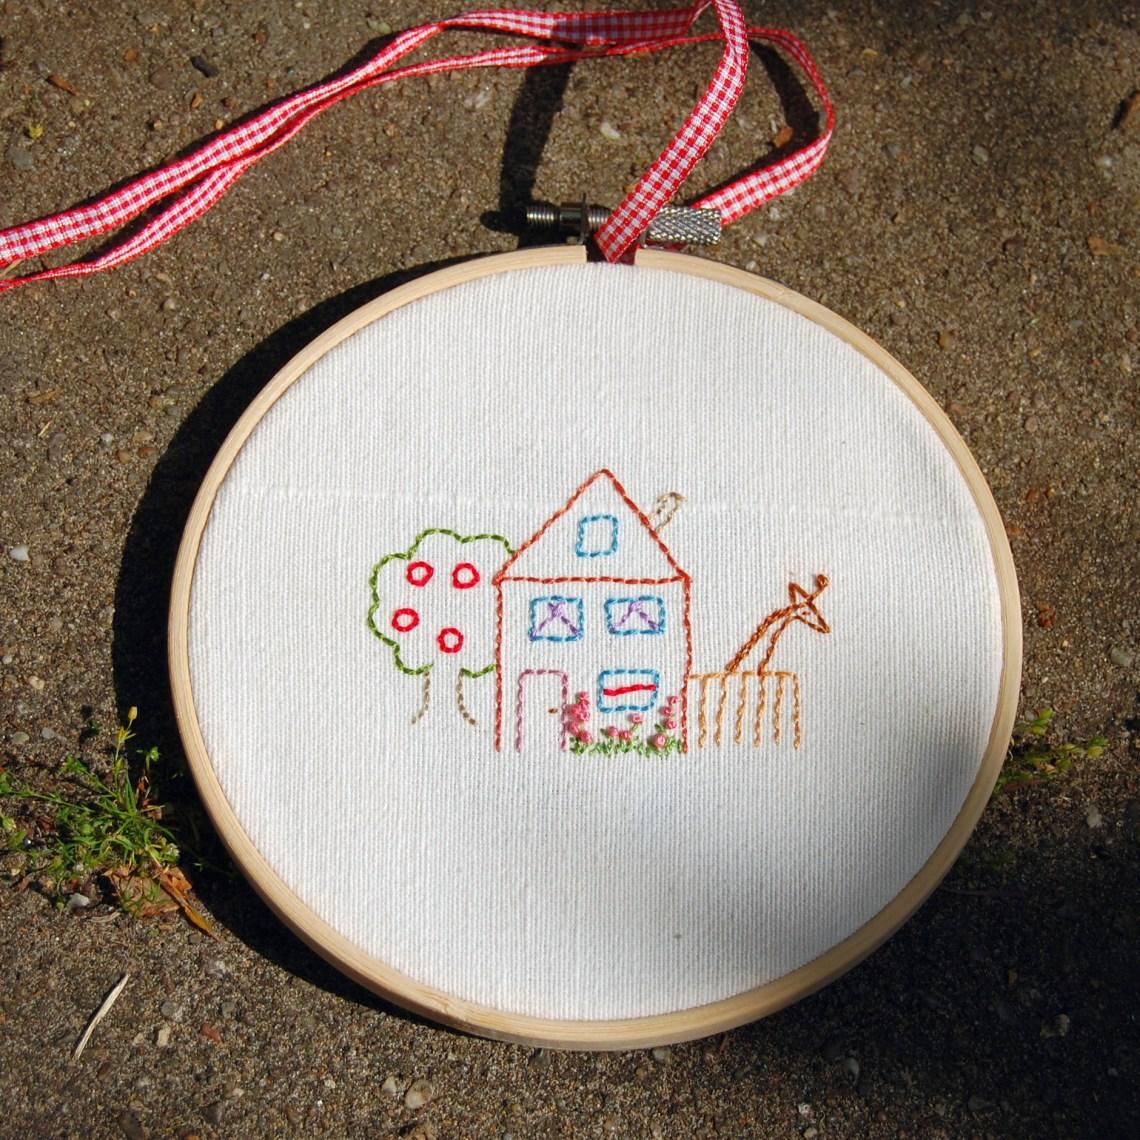 borduurring huisje boompje  beestje door studio paars